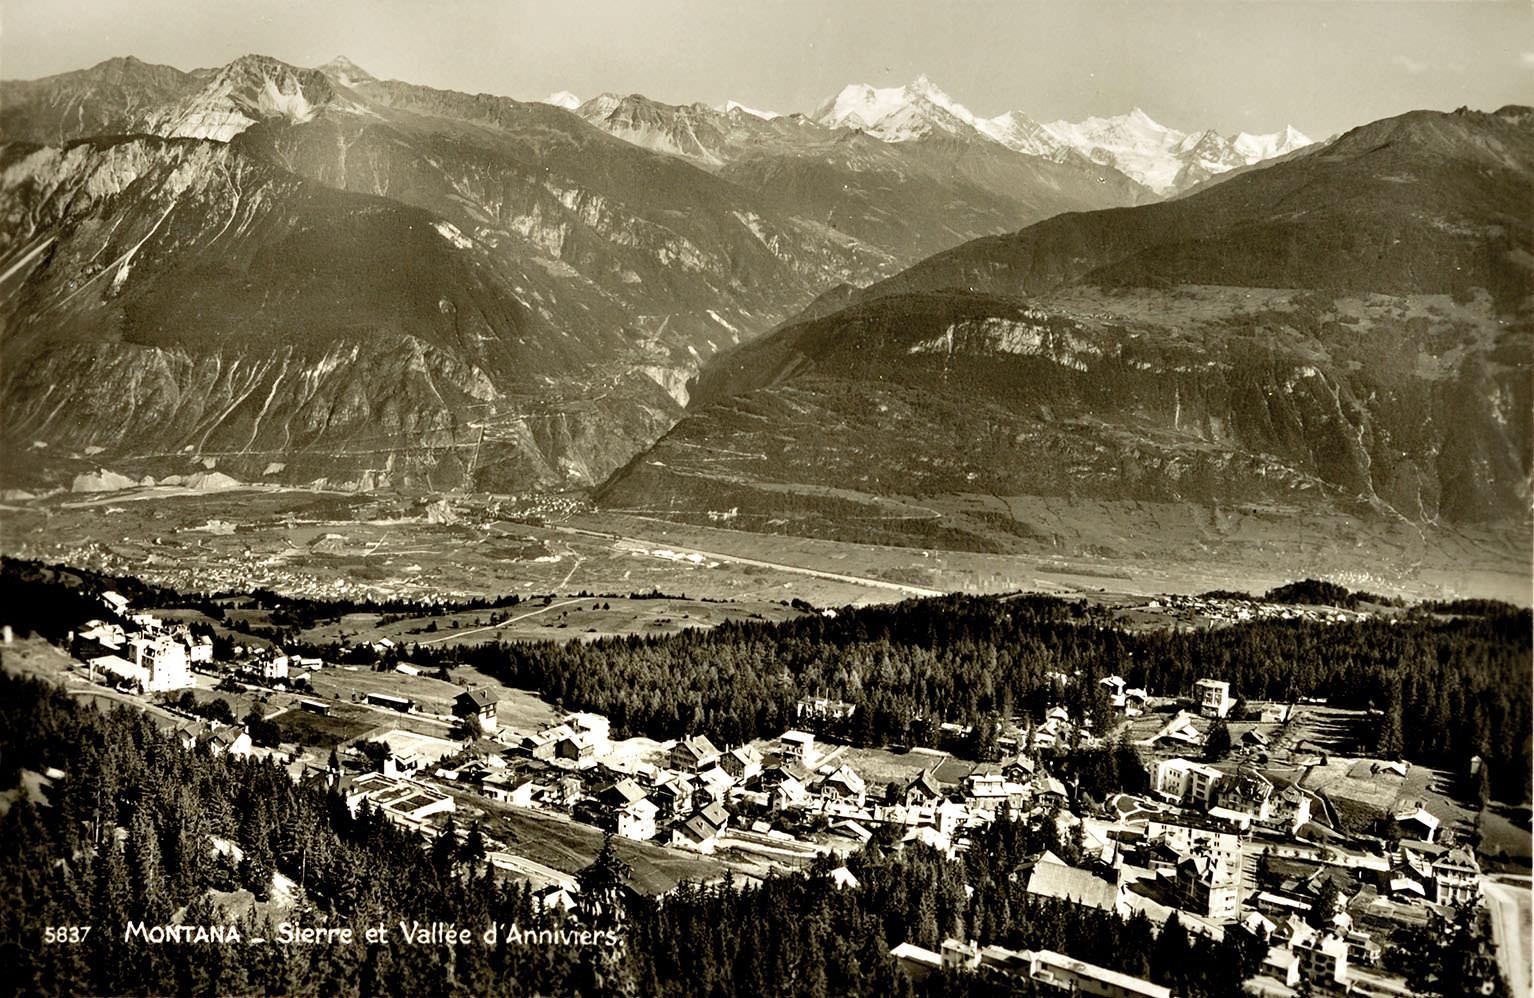 Abb. 9  Blick von Montana auf Sierre und das Val d'Annivier , Ansichtskarte, c.a.1936, Zentrum Paul Klee, Bern, Schenkung Familie Klee © Zentrum Paul Klee, Bern, Bildarchiv